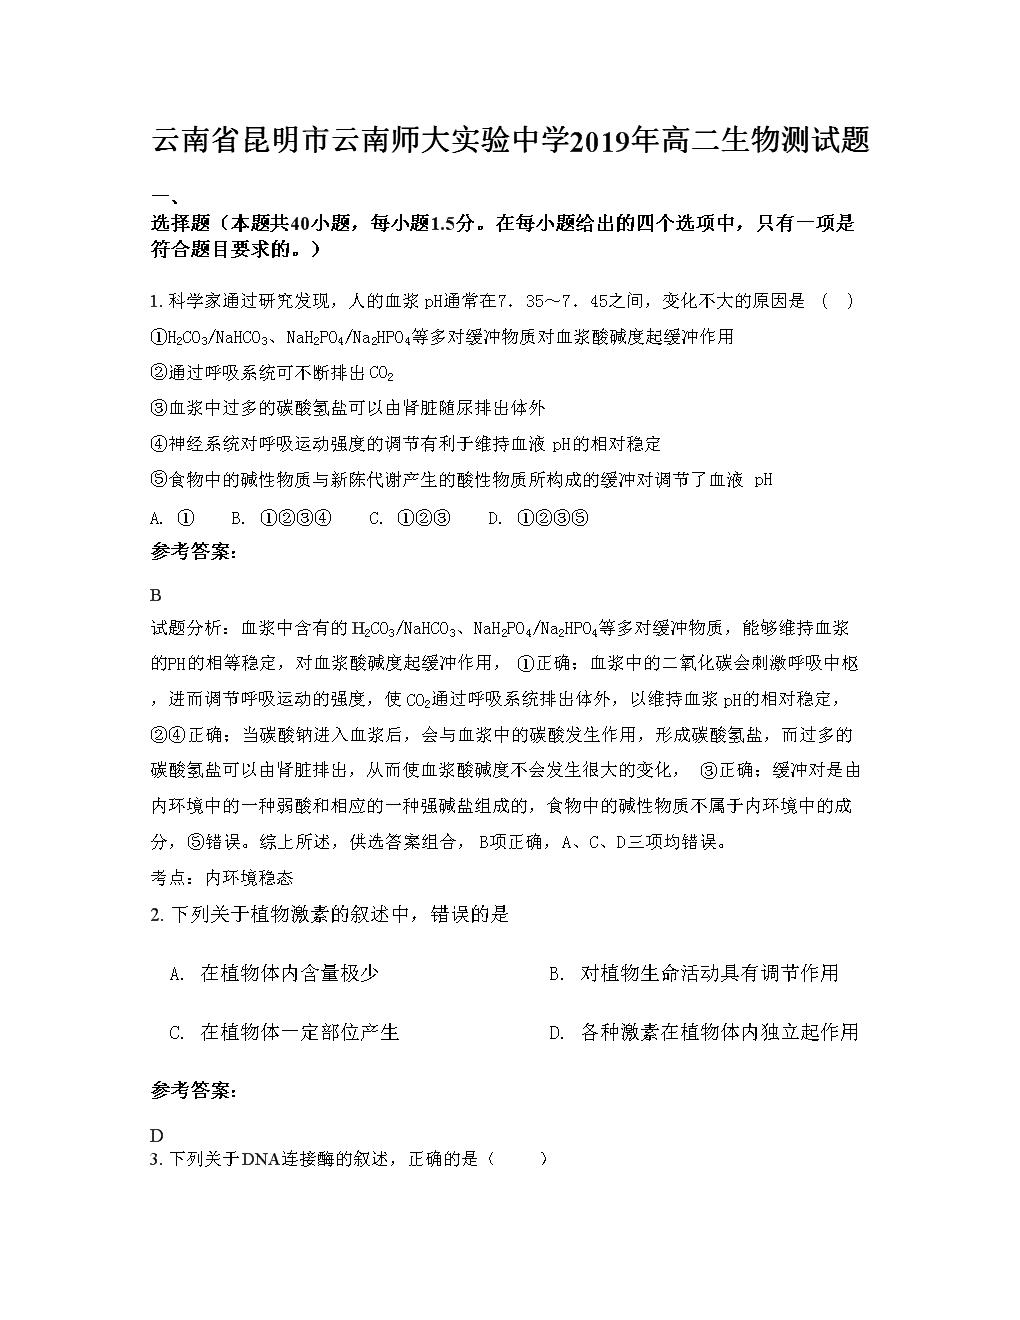 云南省昆明市云南师大实验中学2019年高二生物测试题.docx